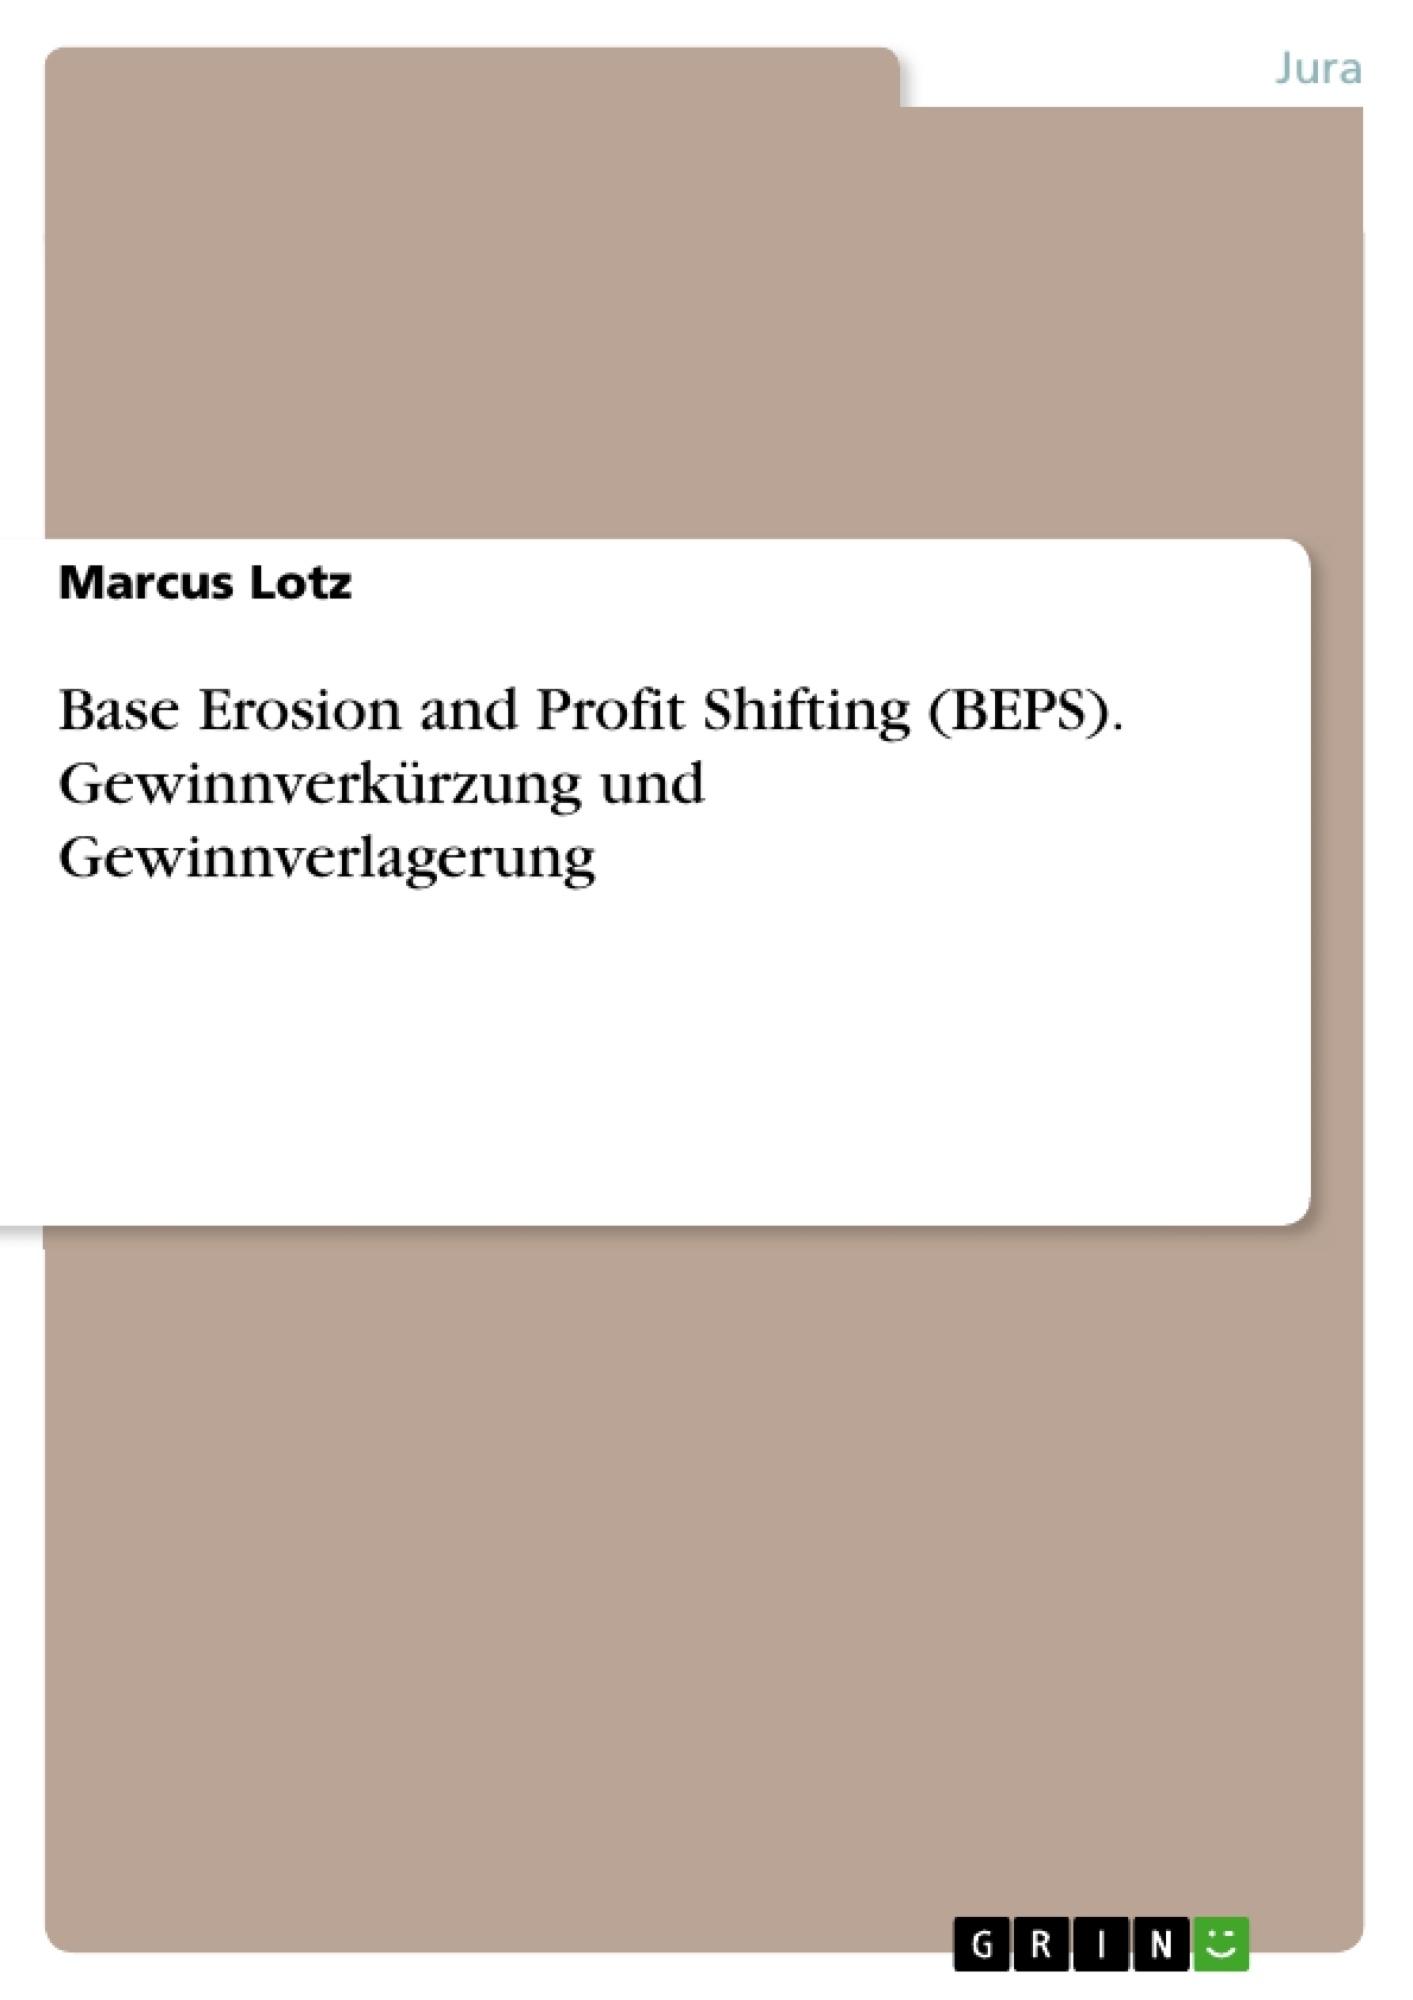 Titel: Base Erosion and Profit Shifting (BEPS). Gewinnverkürzung und Gewinnverlagerung